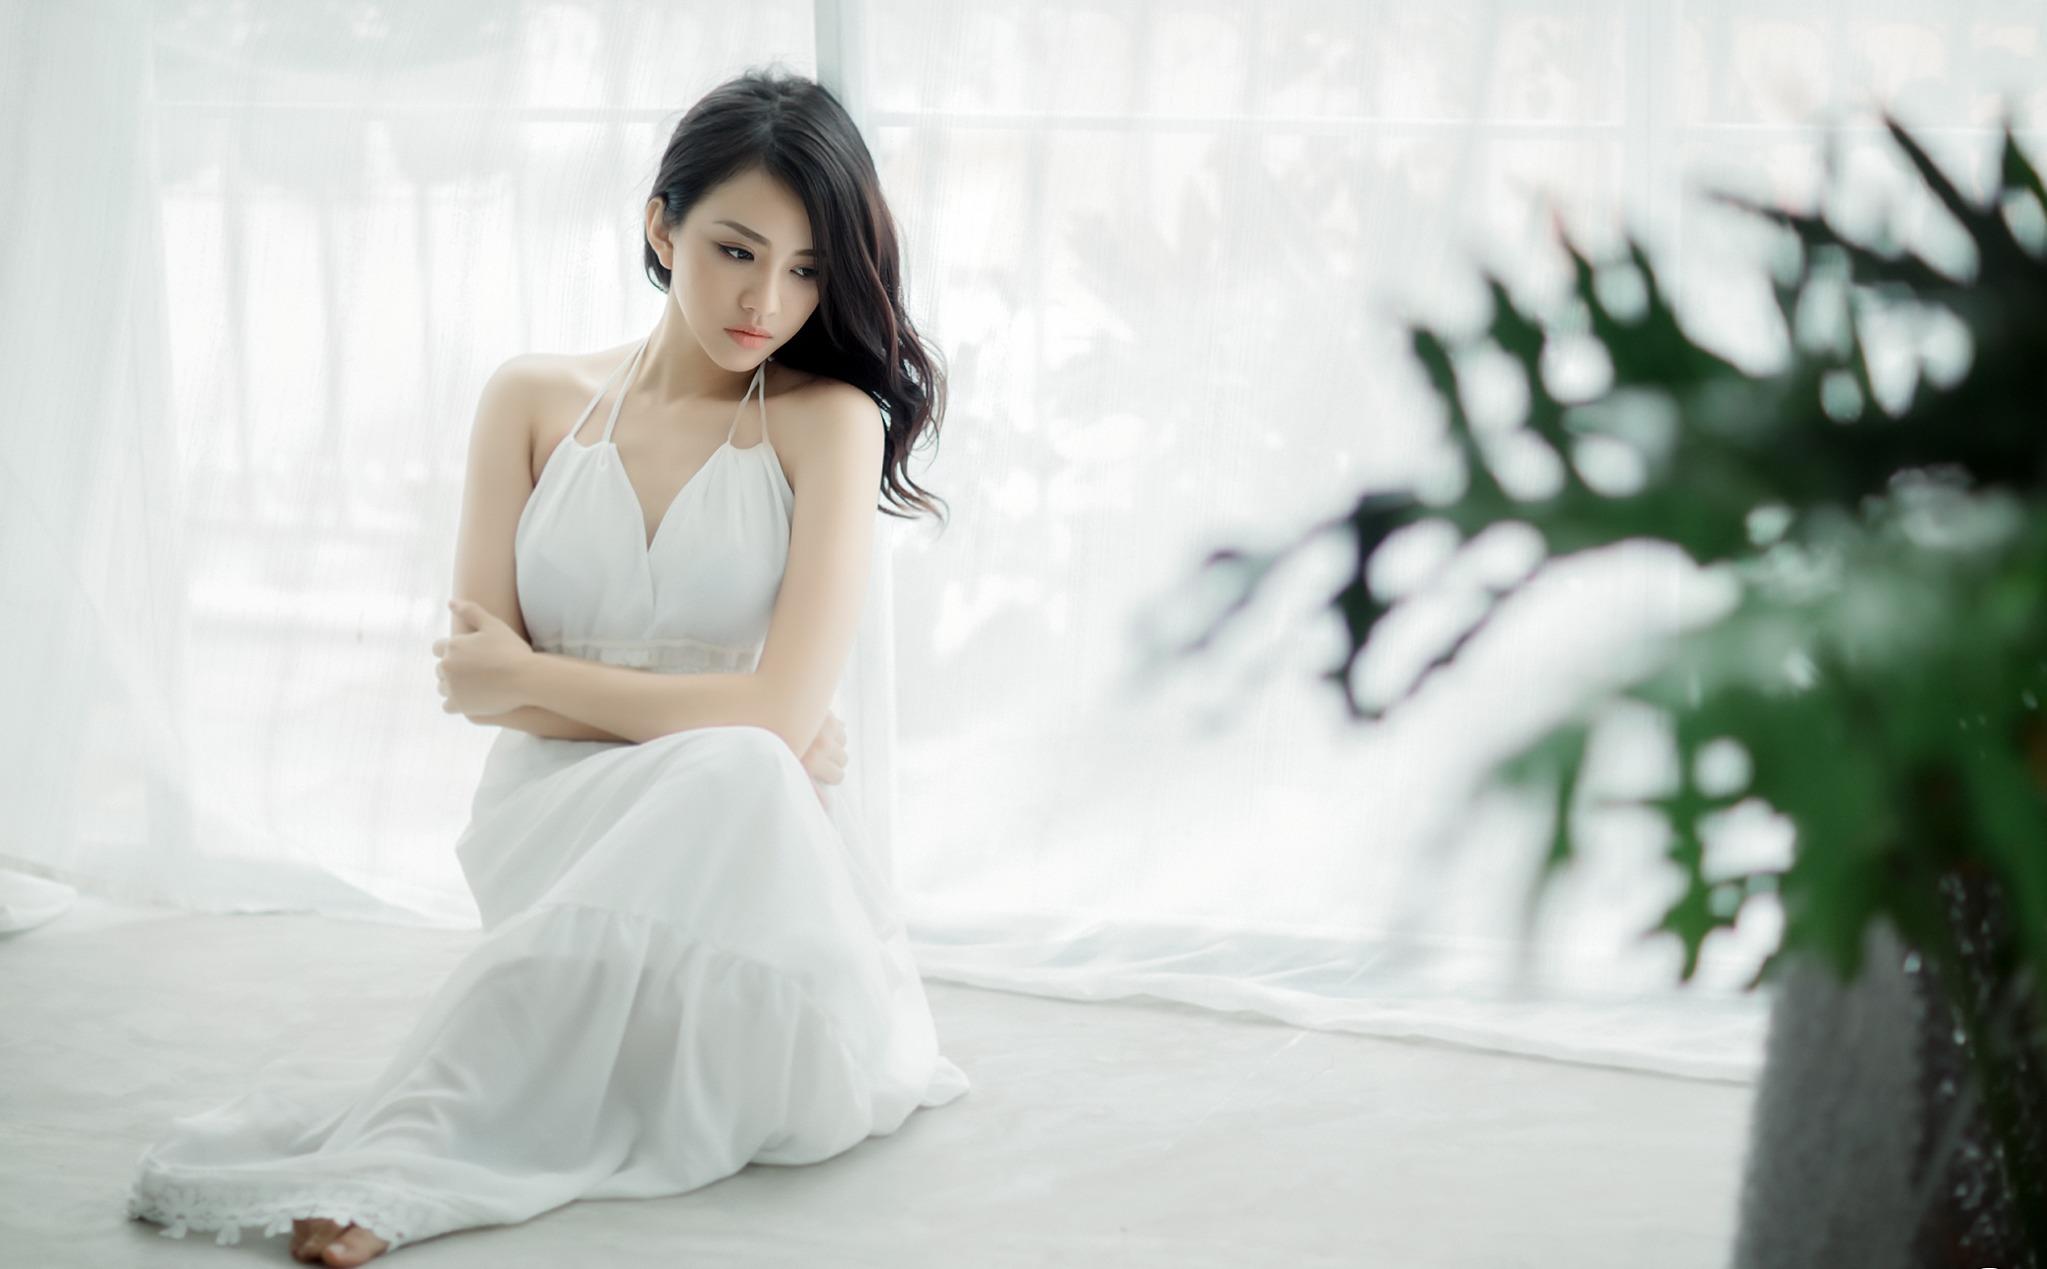 Asian brunette girl hd girls 4k wallpapers images - Asian girl 4k ...